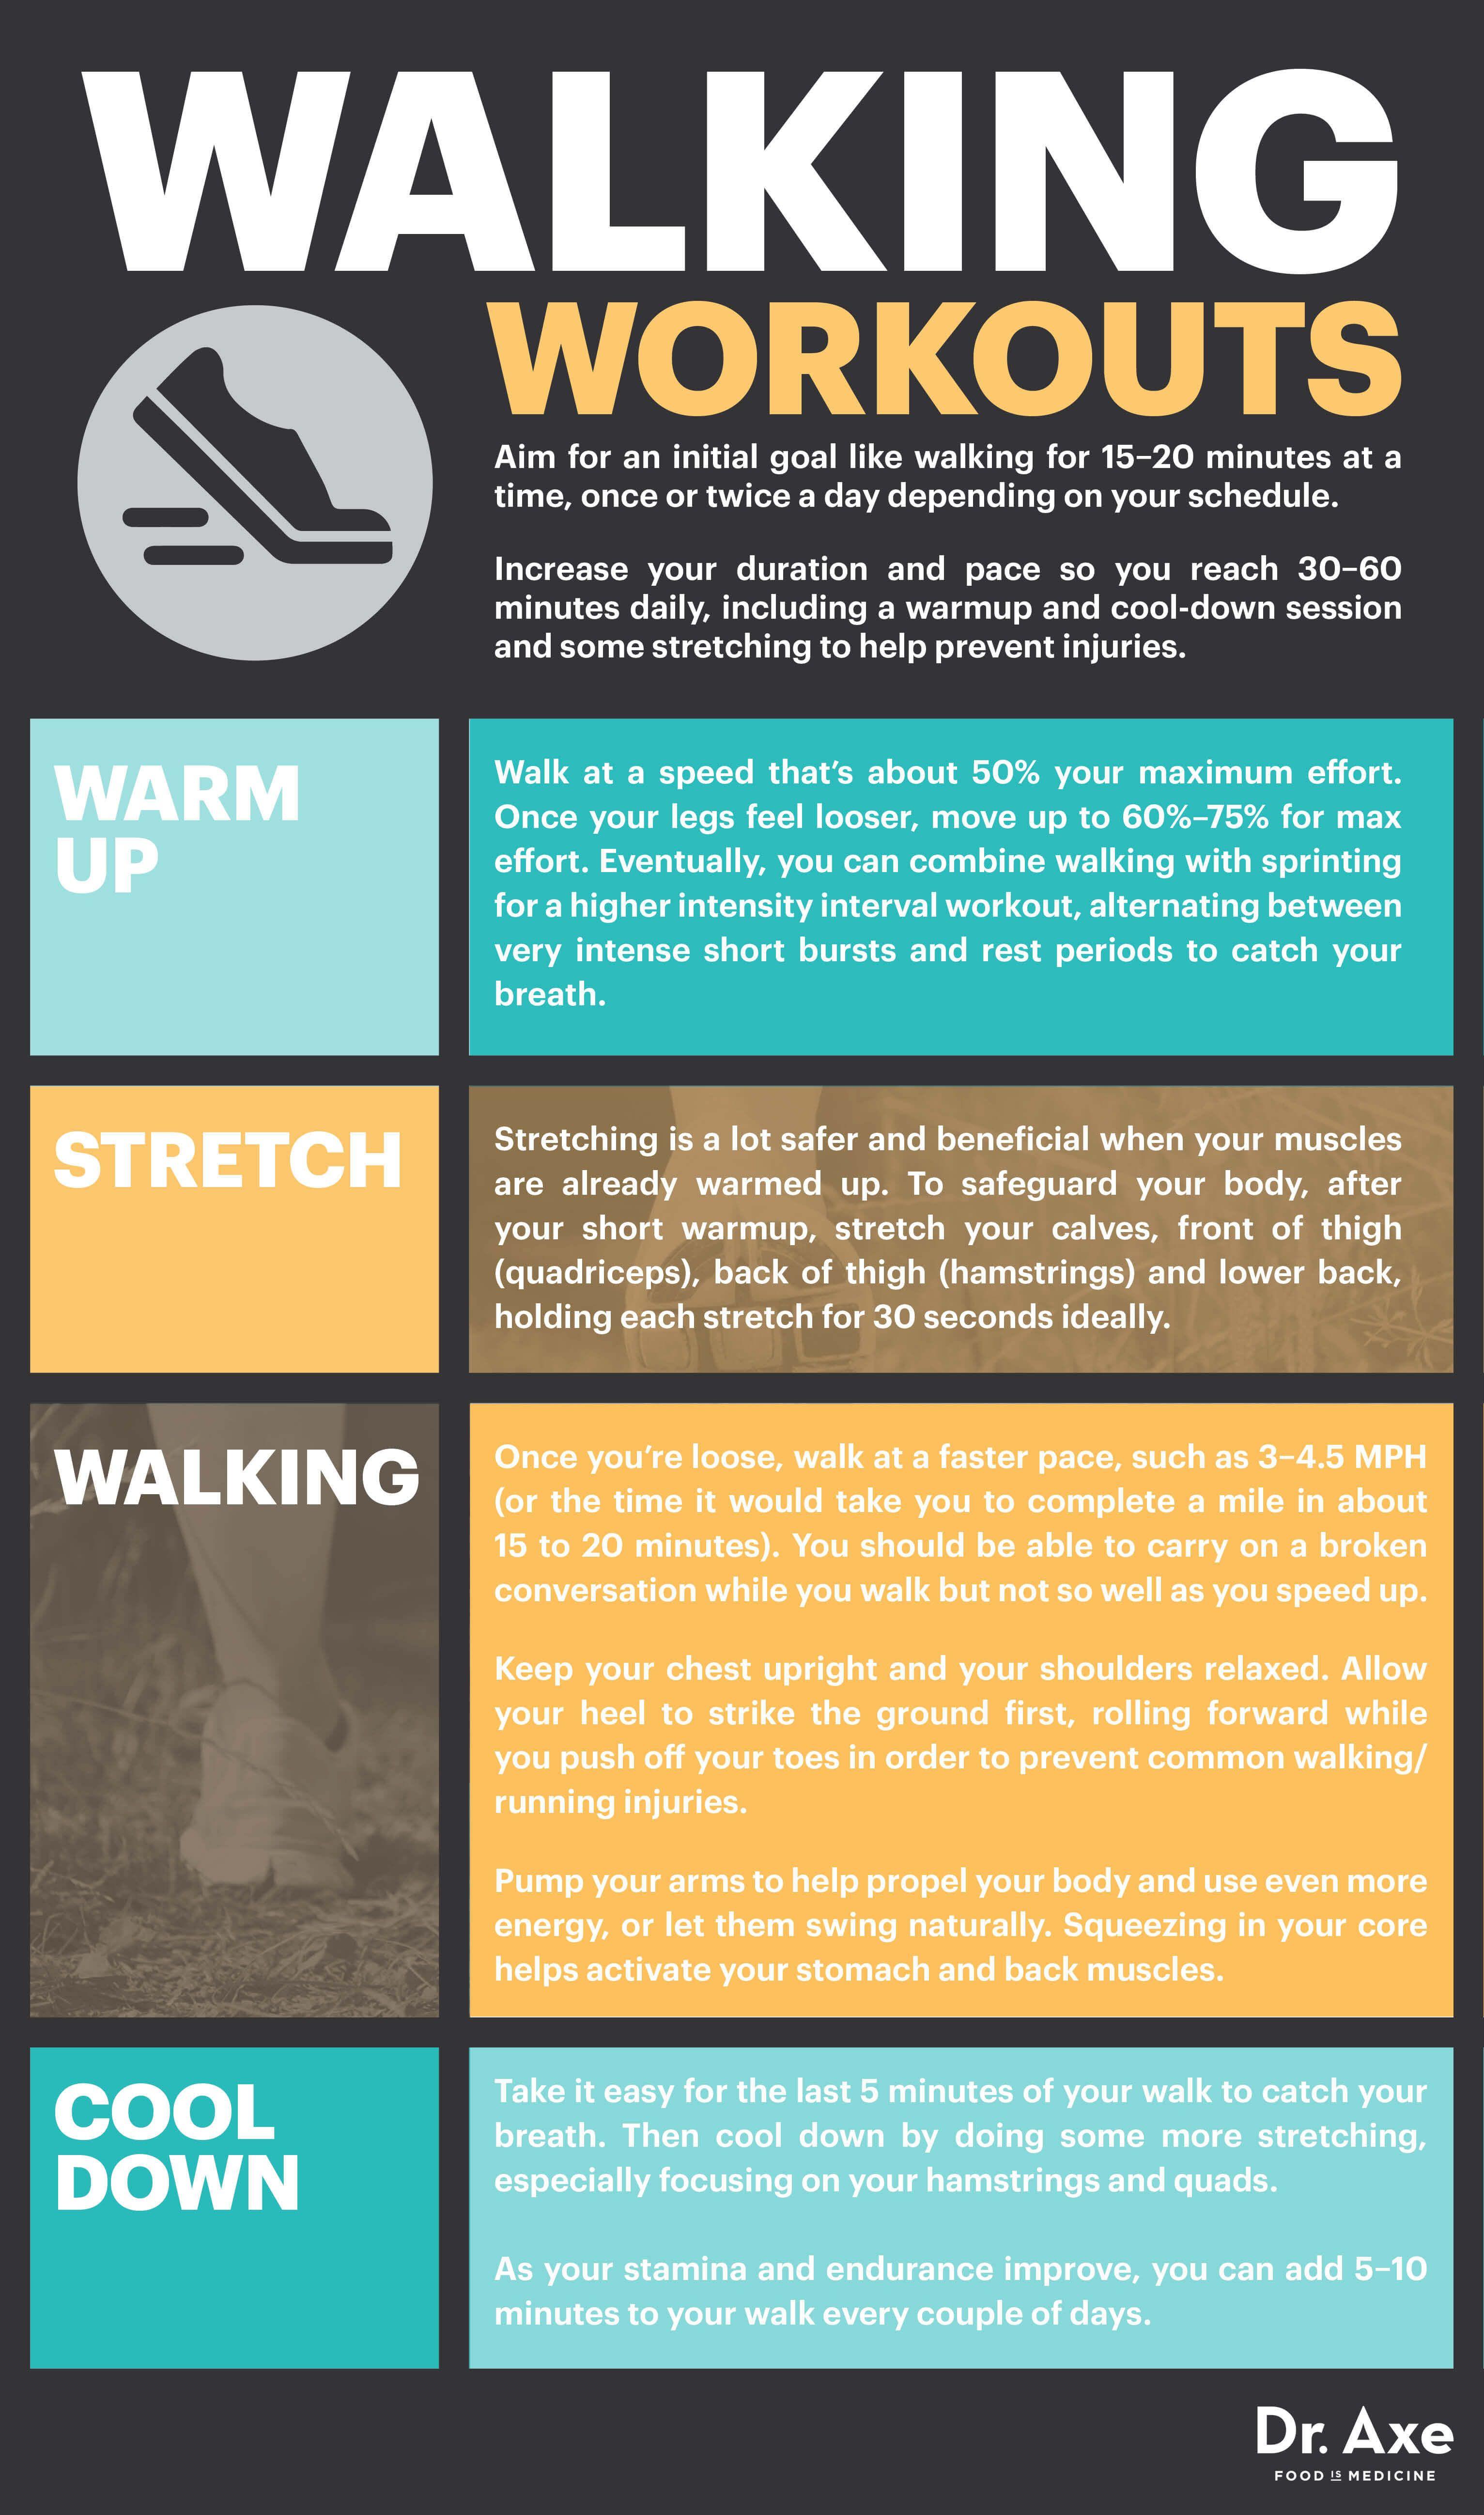 Dieta simples para perder barriga em 1 semana picture 3